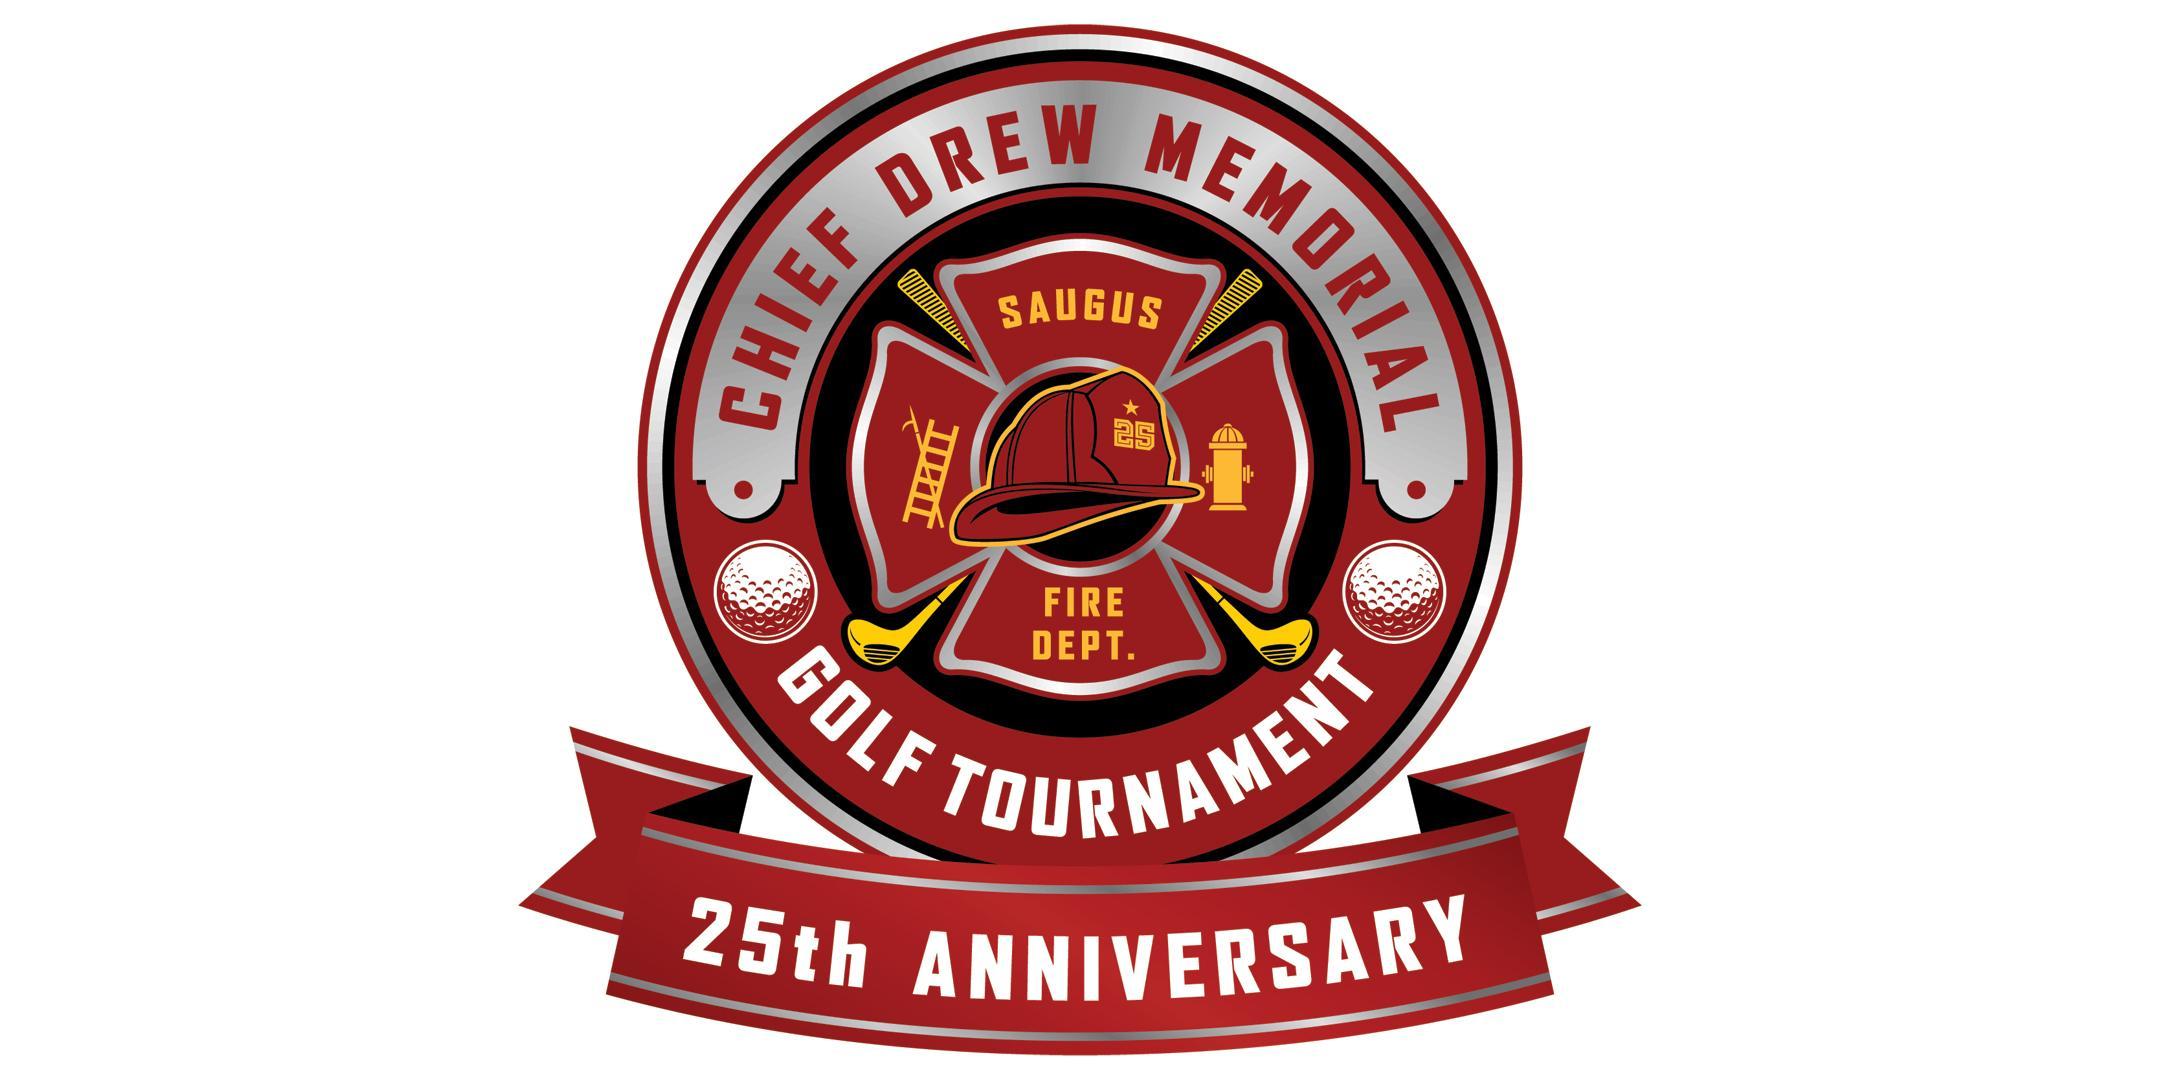 SFD Chief Drew Memorial Golf Tournament